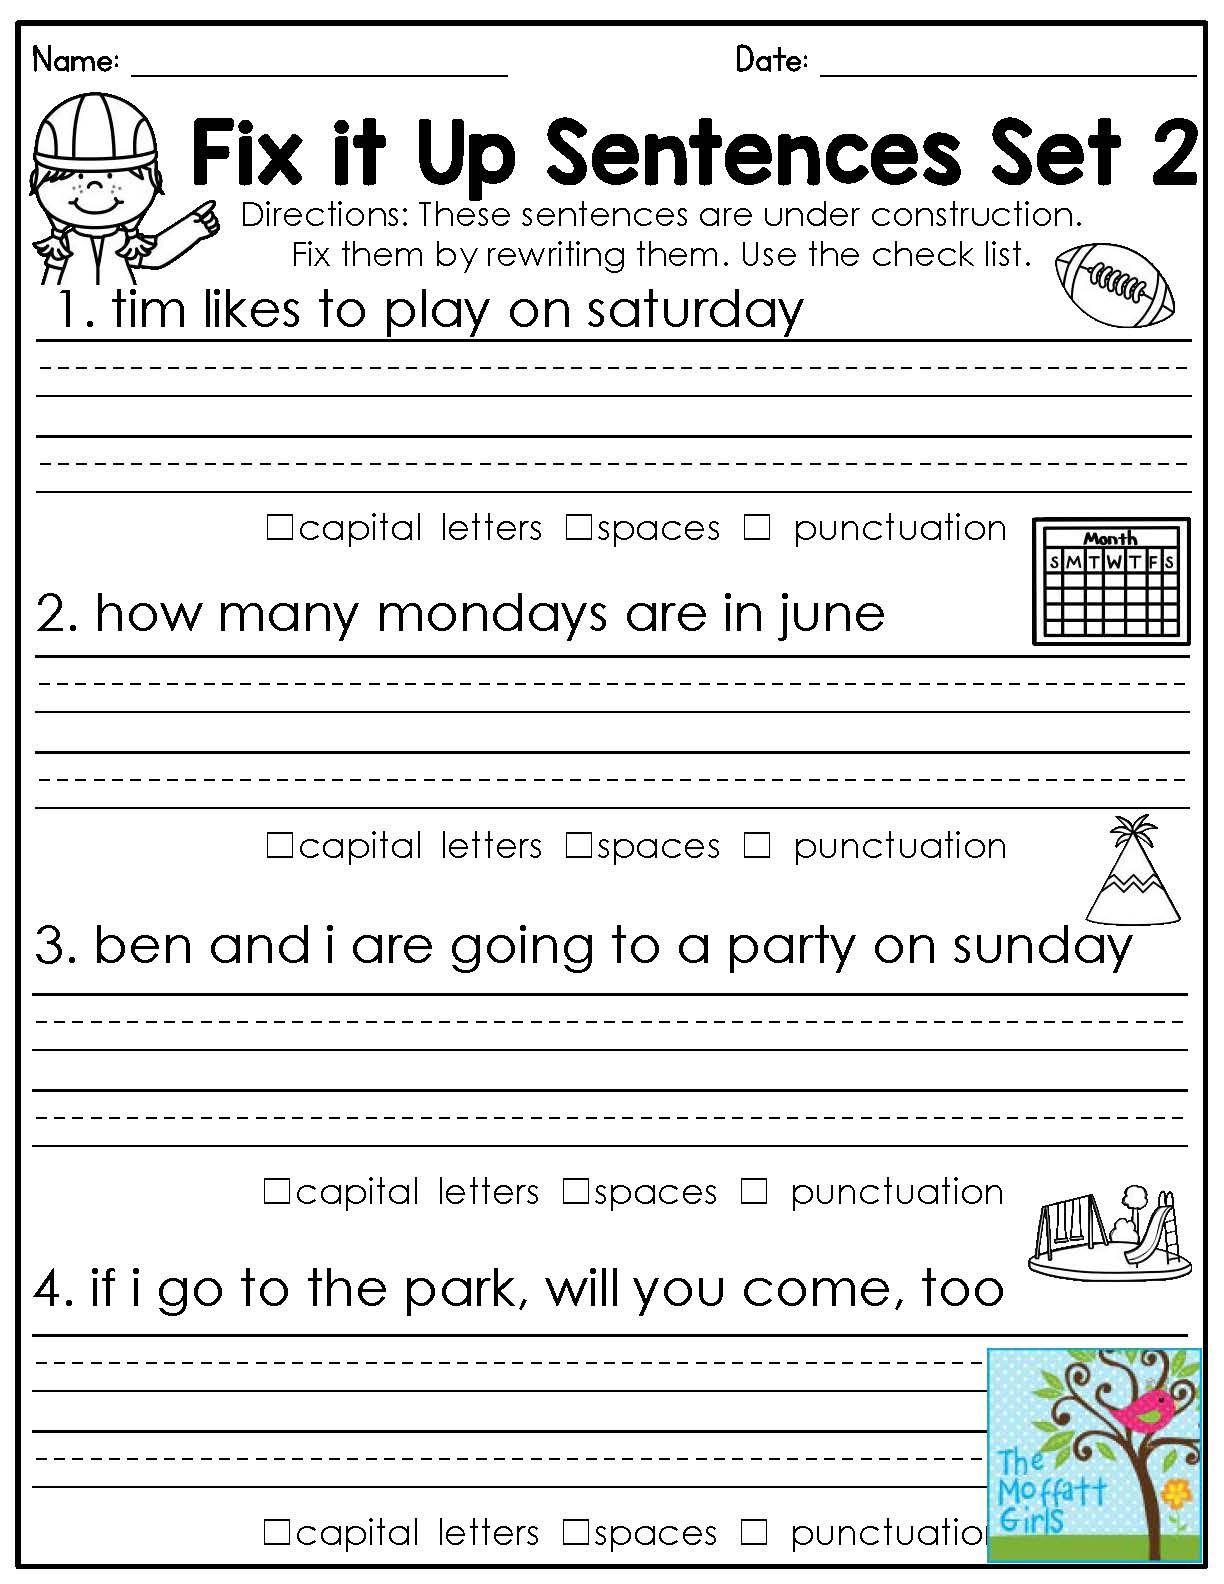 Worksheet Digraph Worksheets For First Grade Worksheet